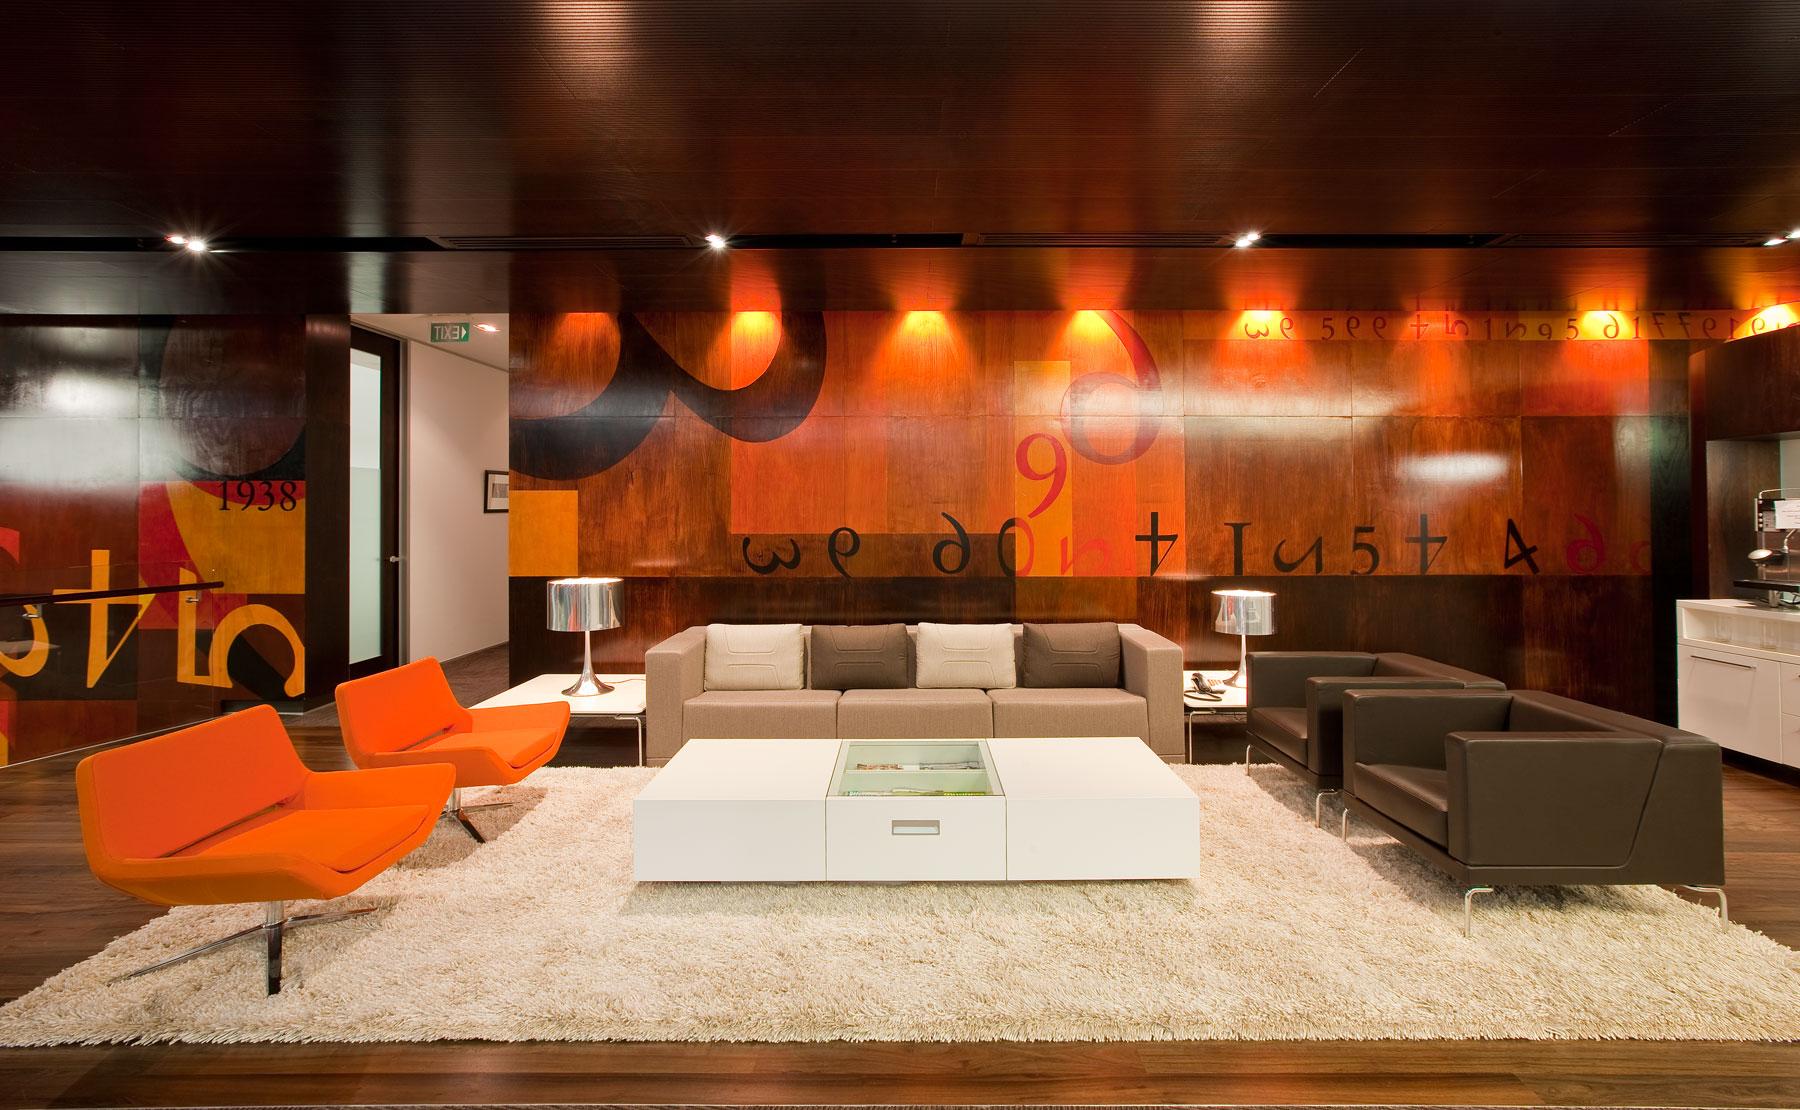 G  Leuschke Kahn Architects_GrantThornton LKA__13Y8004.jpg